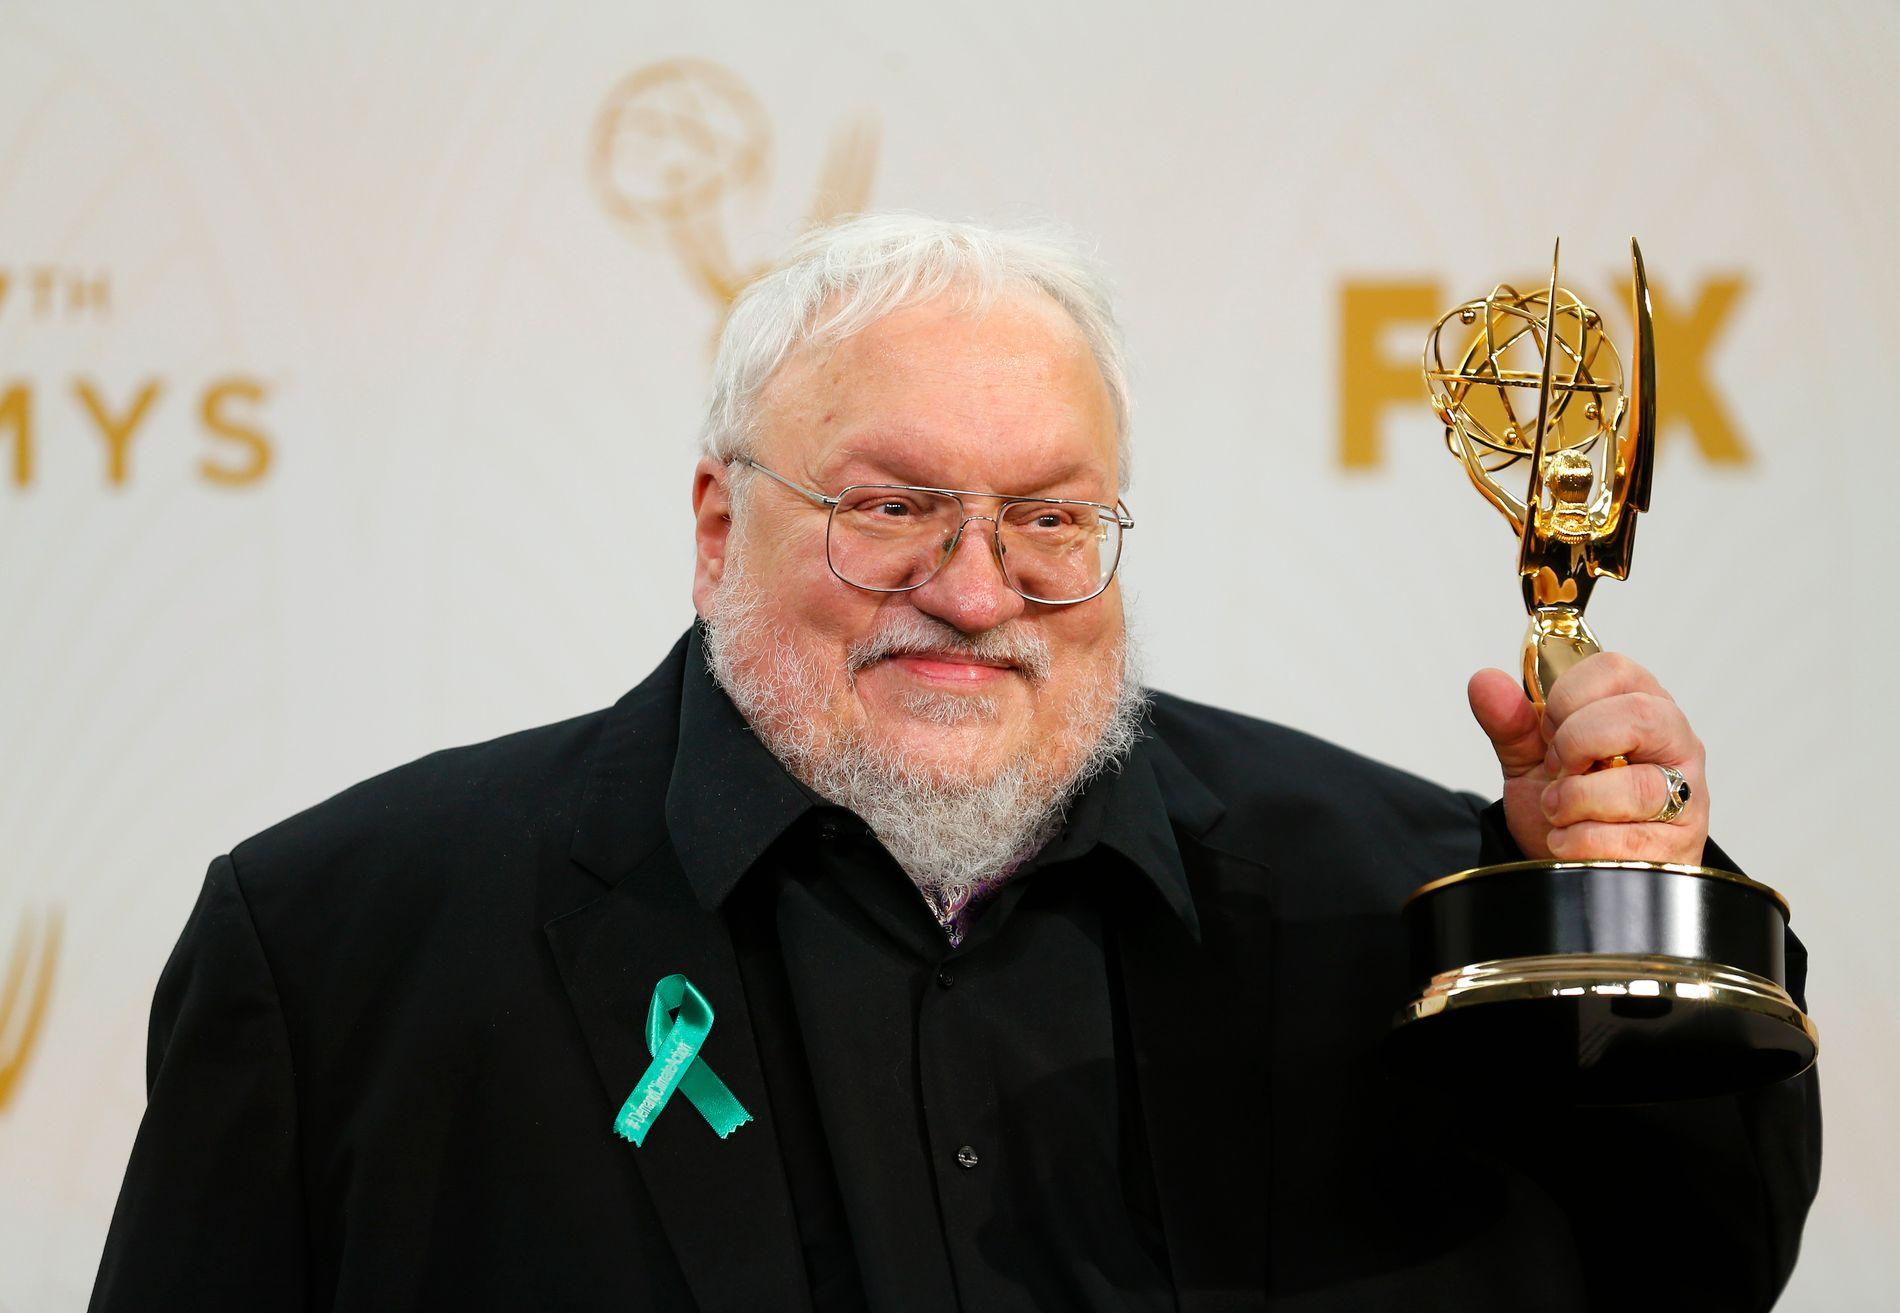 VINNER: George R. R. Martin holder prisen for Beste dramaserie for «Game Of Thrones» under Emmy-utdelingen i september 2015.